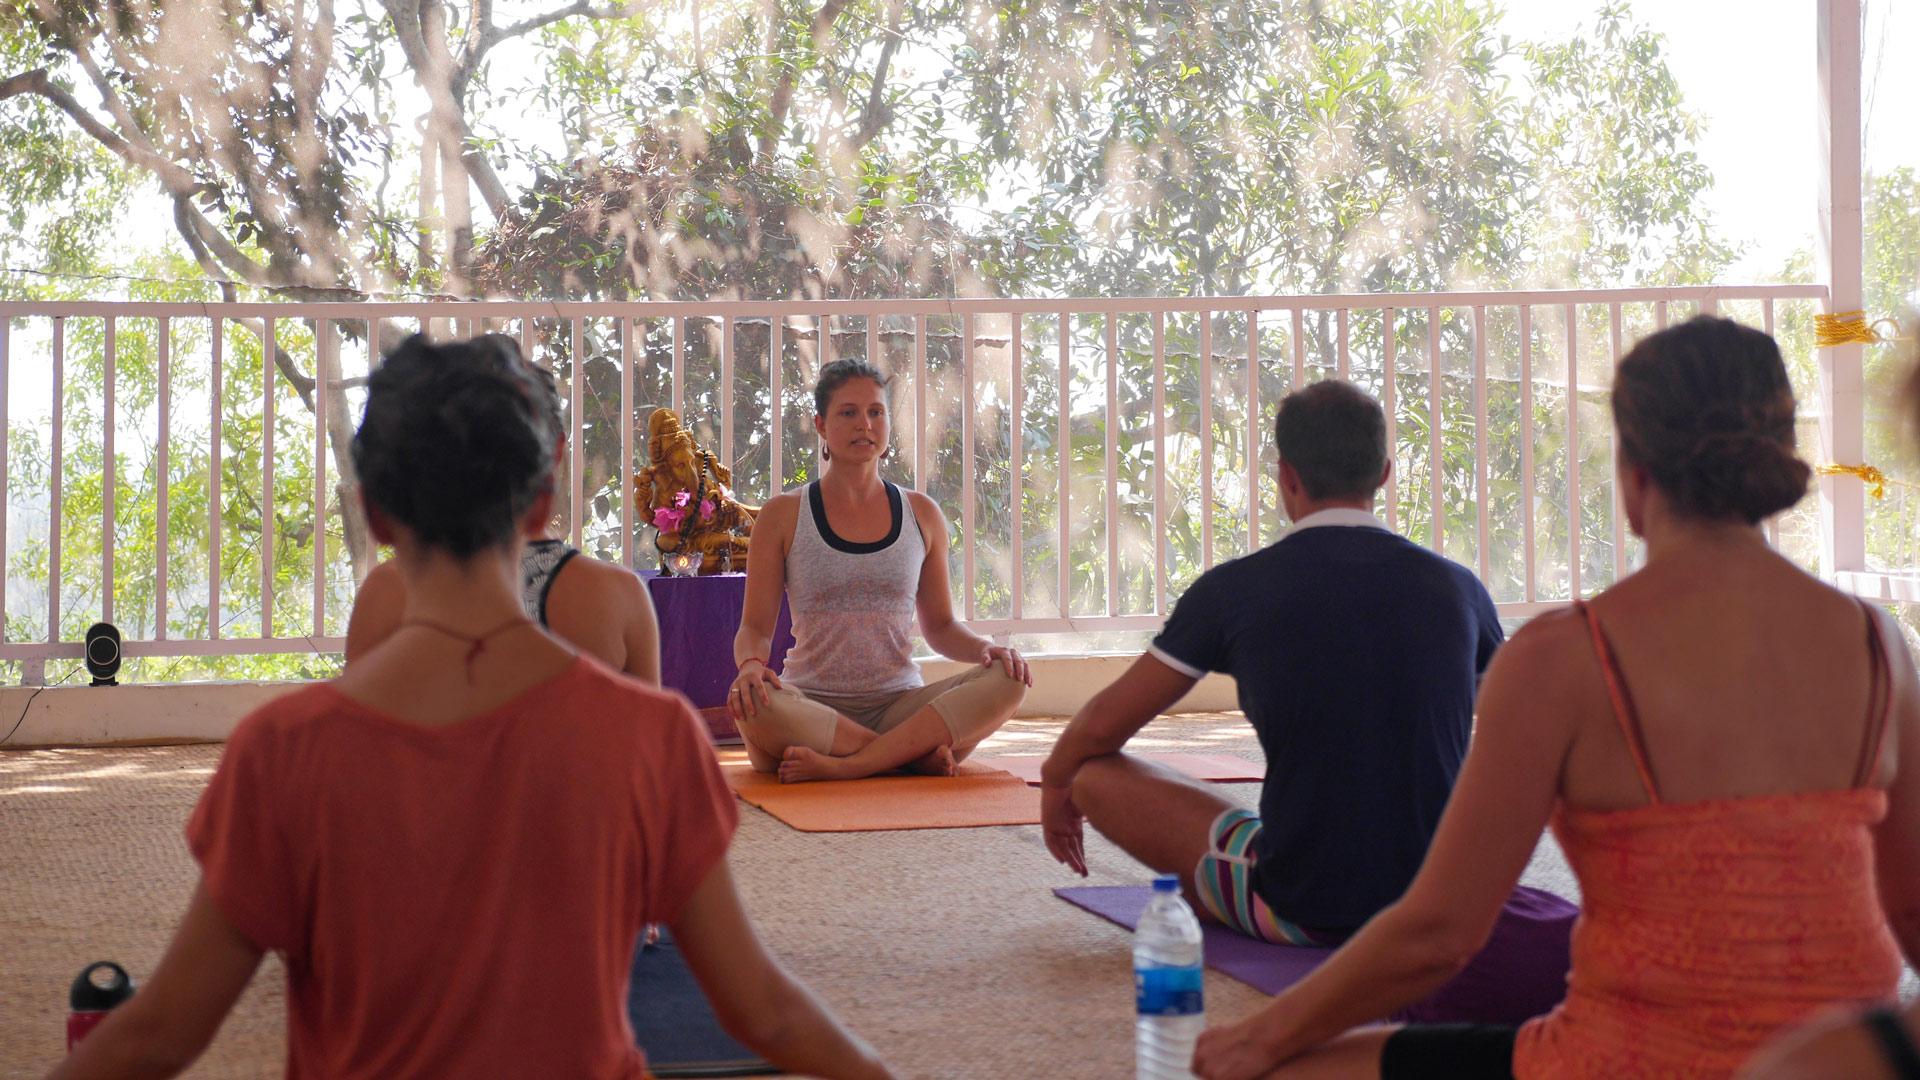 Inde_02_Goa-Yoga_Latitudes-Vagabondes